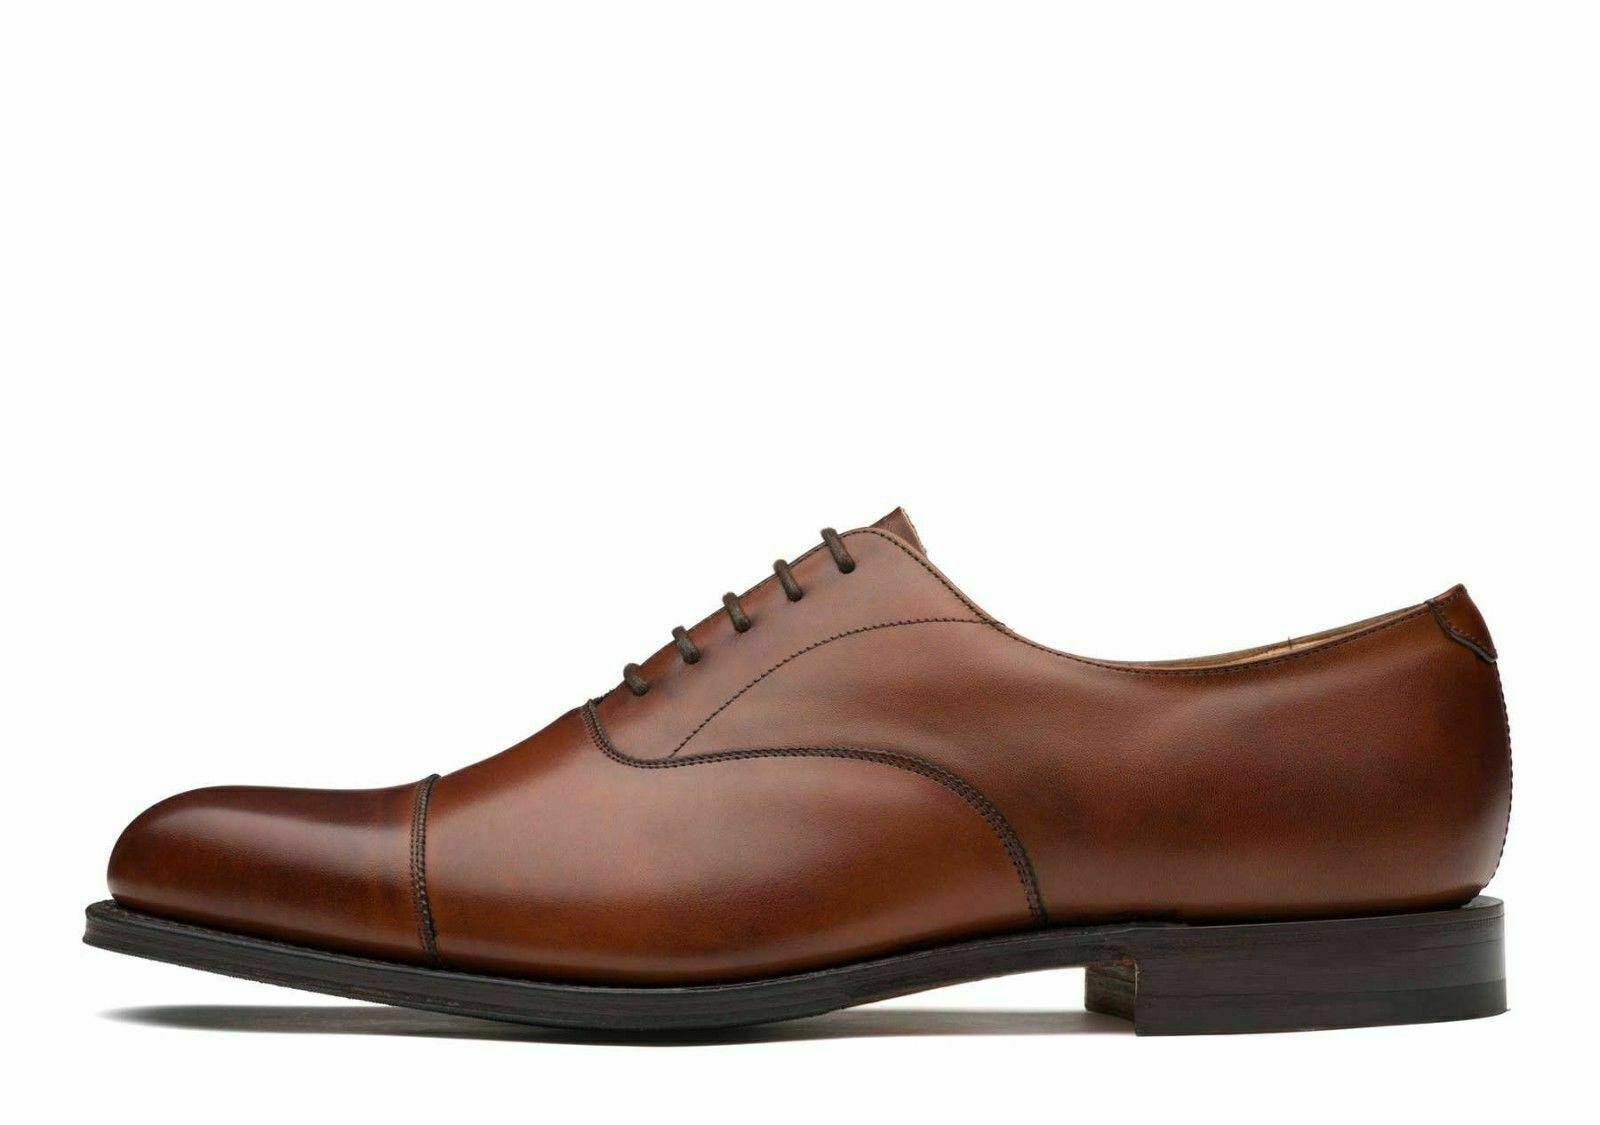 Homme Fait à la Main Chaussure En Cuir Marron Classique Embout lacets Formal Wear Casual démarrage